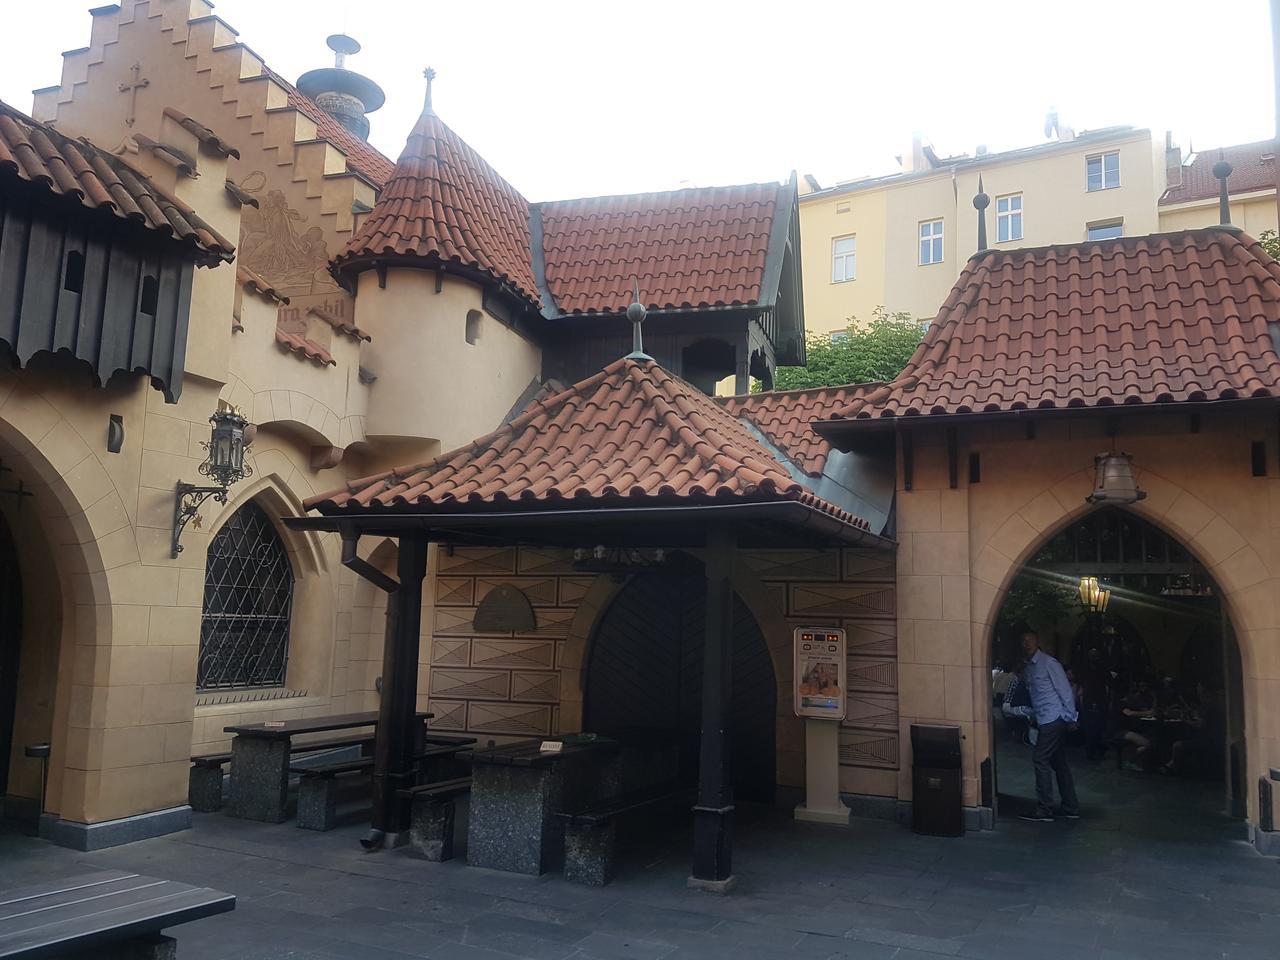 u Flecu Praga czeska